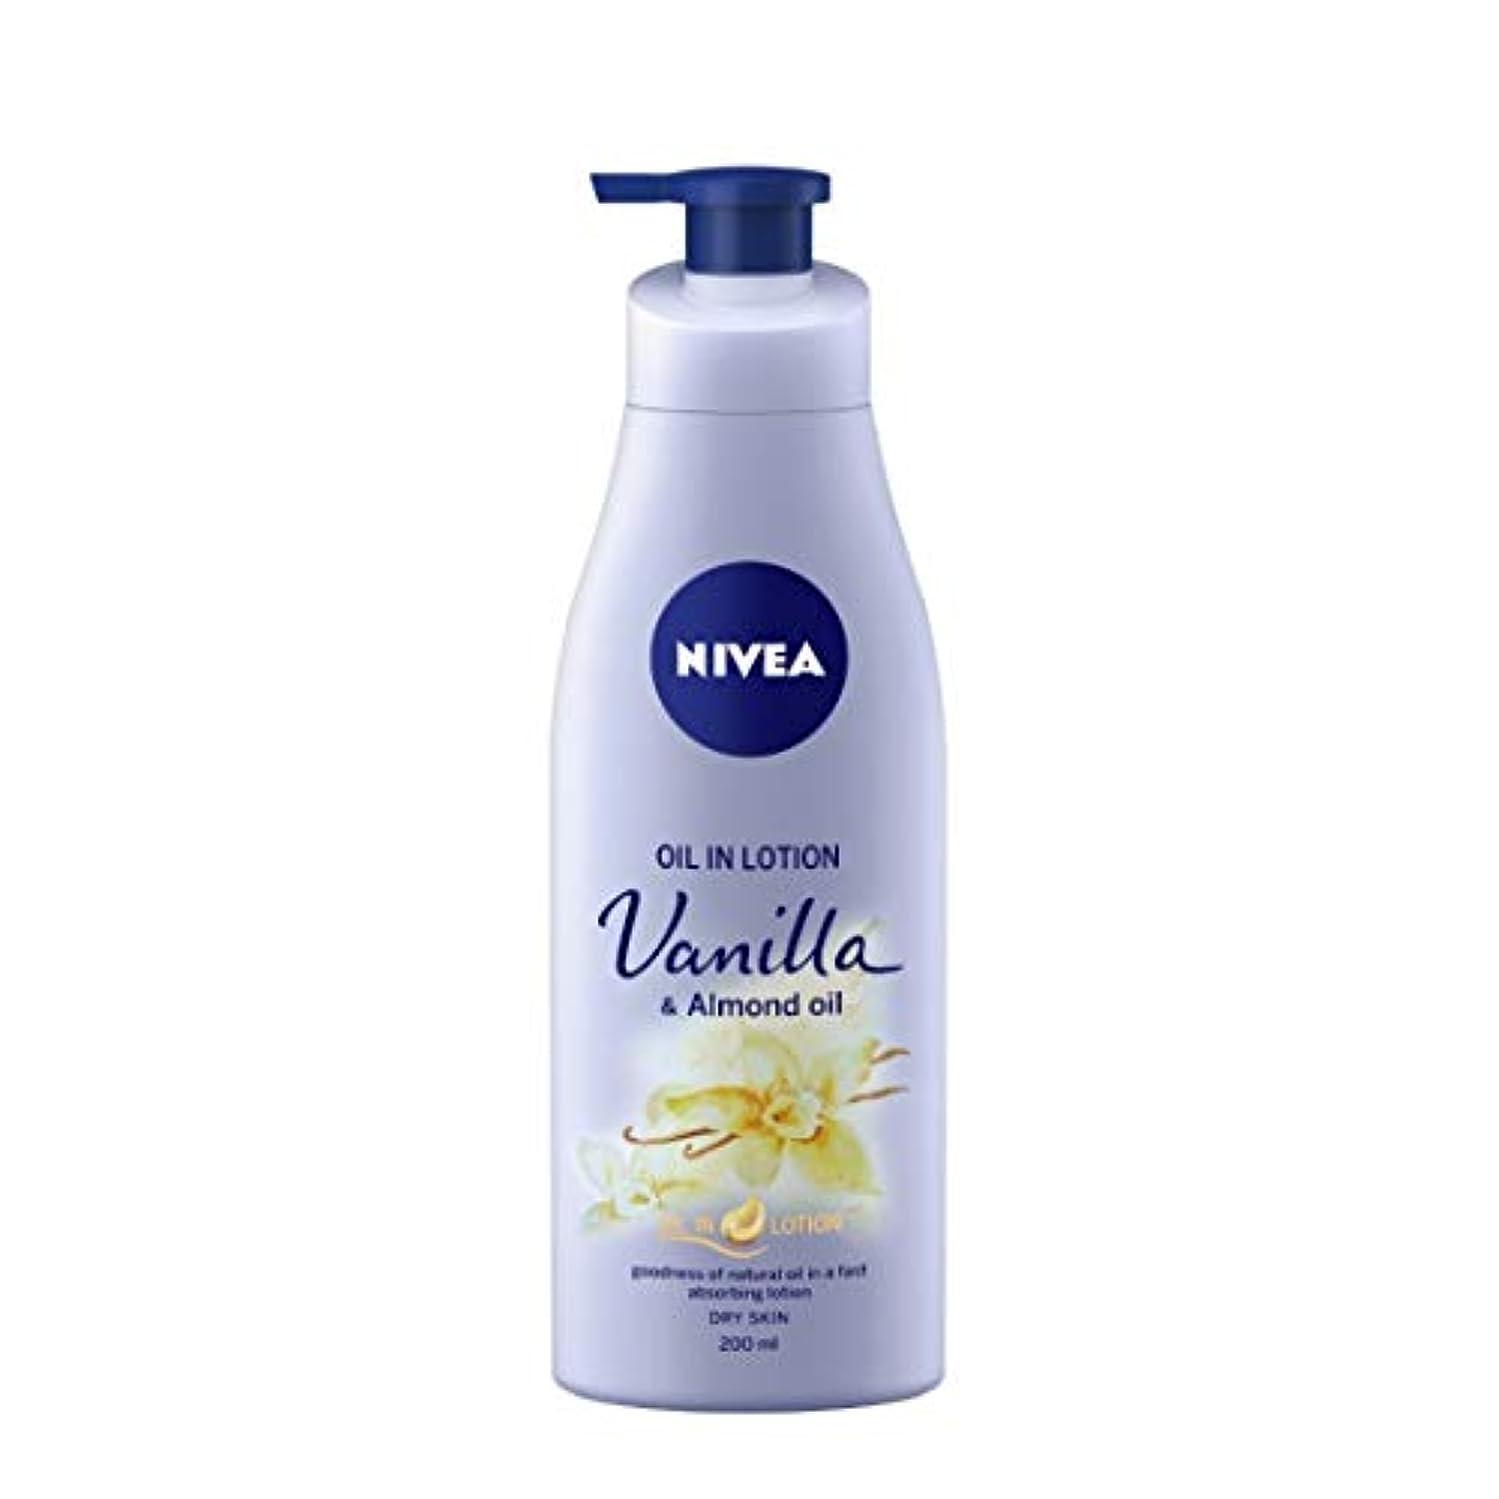 ポルトガル語寝具部NIVEA Oil in Lotion, Vanilla and Almond Oil, 200ml